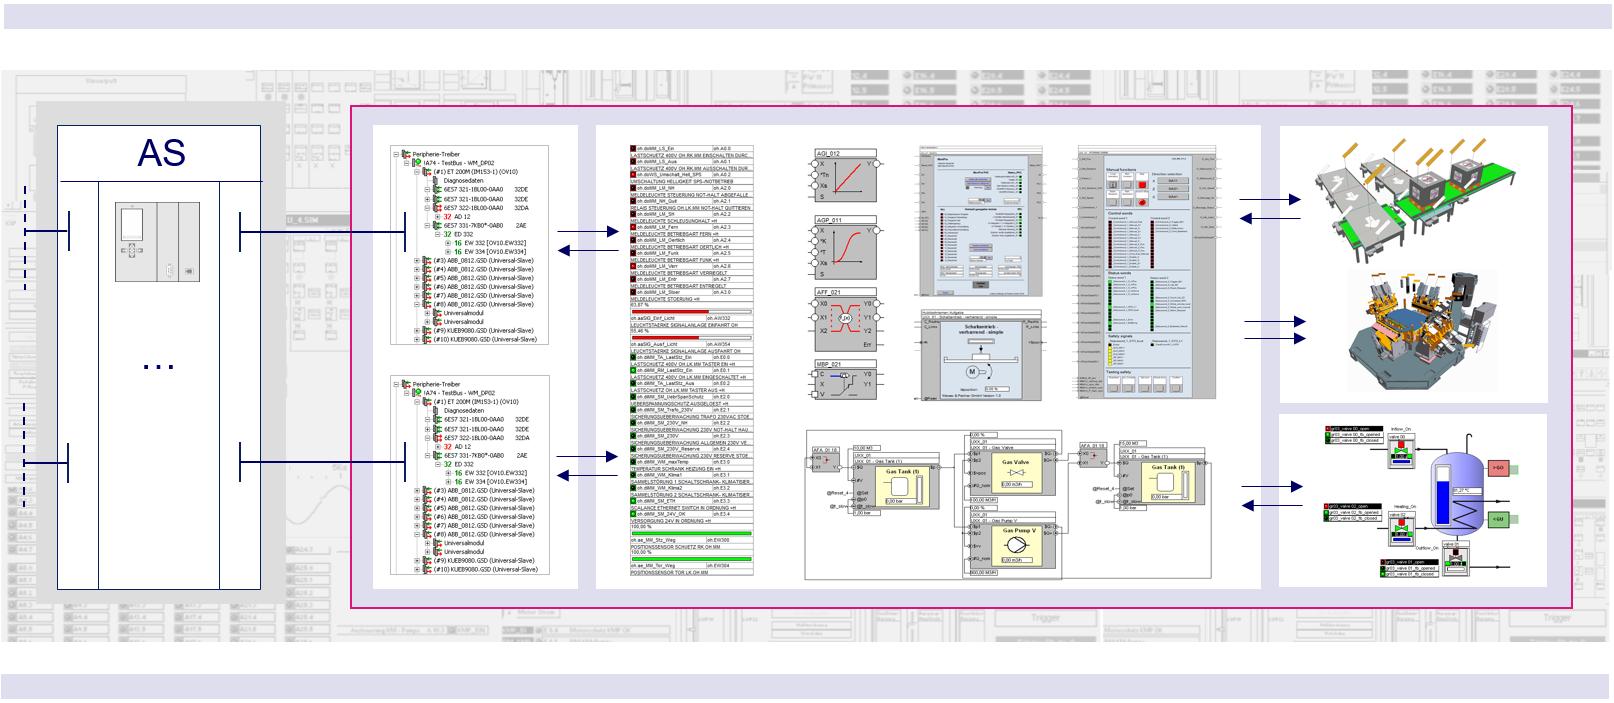 WinMOD für die Modellierung von Kommunikationen, Geräten, Maschinen und Anlagen die durch Automatisisierungssysteme gesteuert werden.